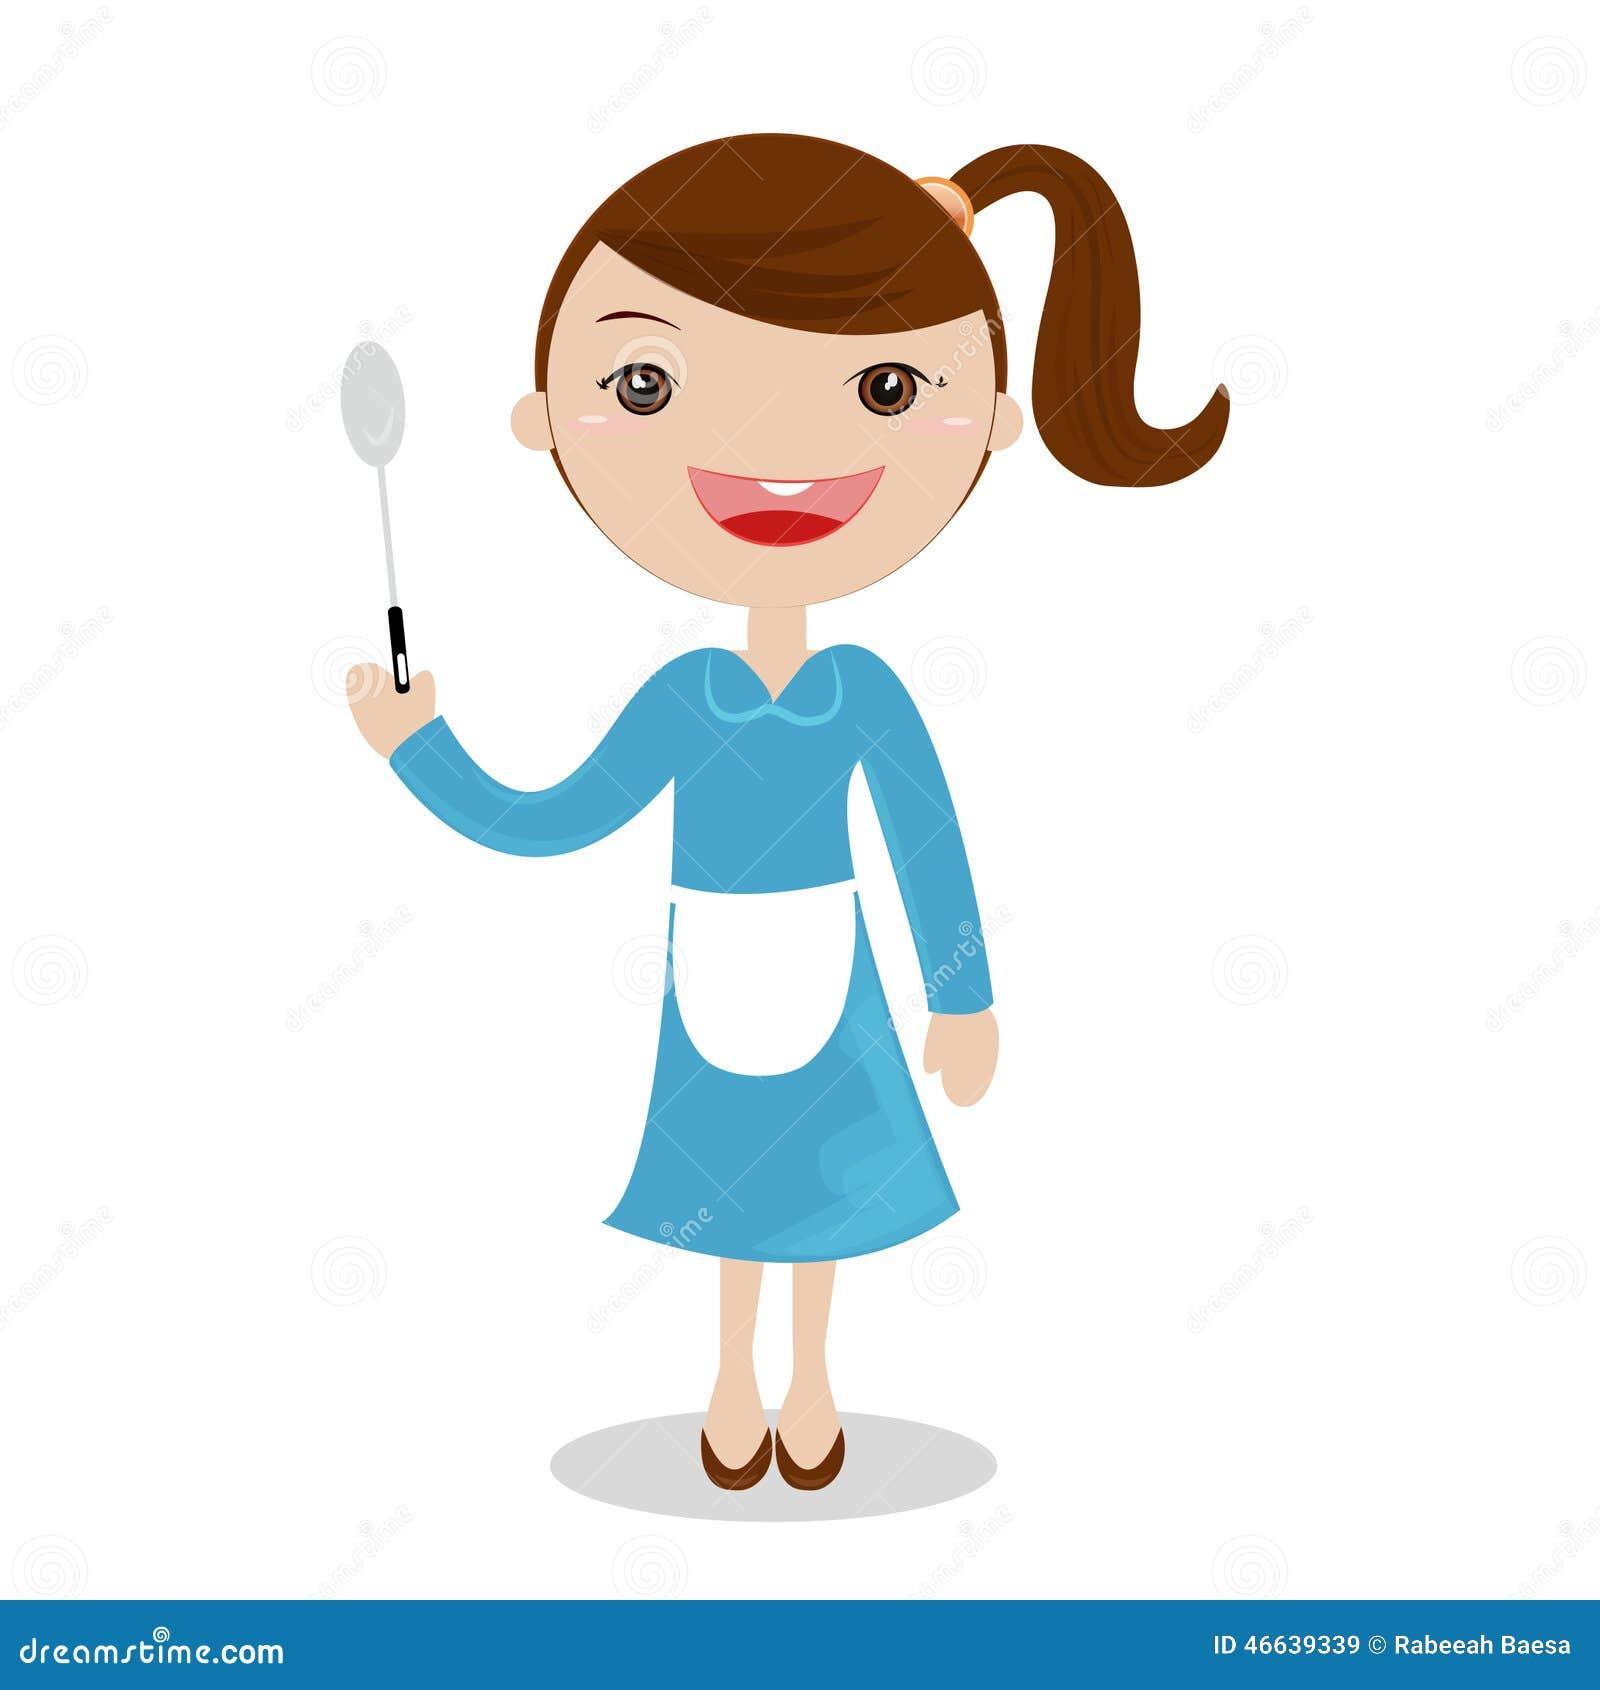 烹调在厨房里的一个小女孩图片